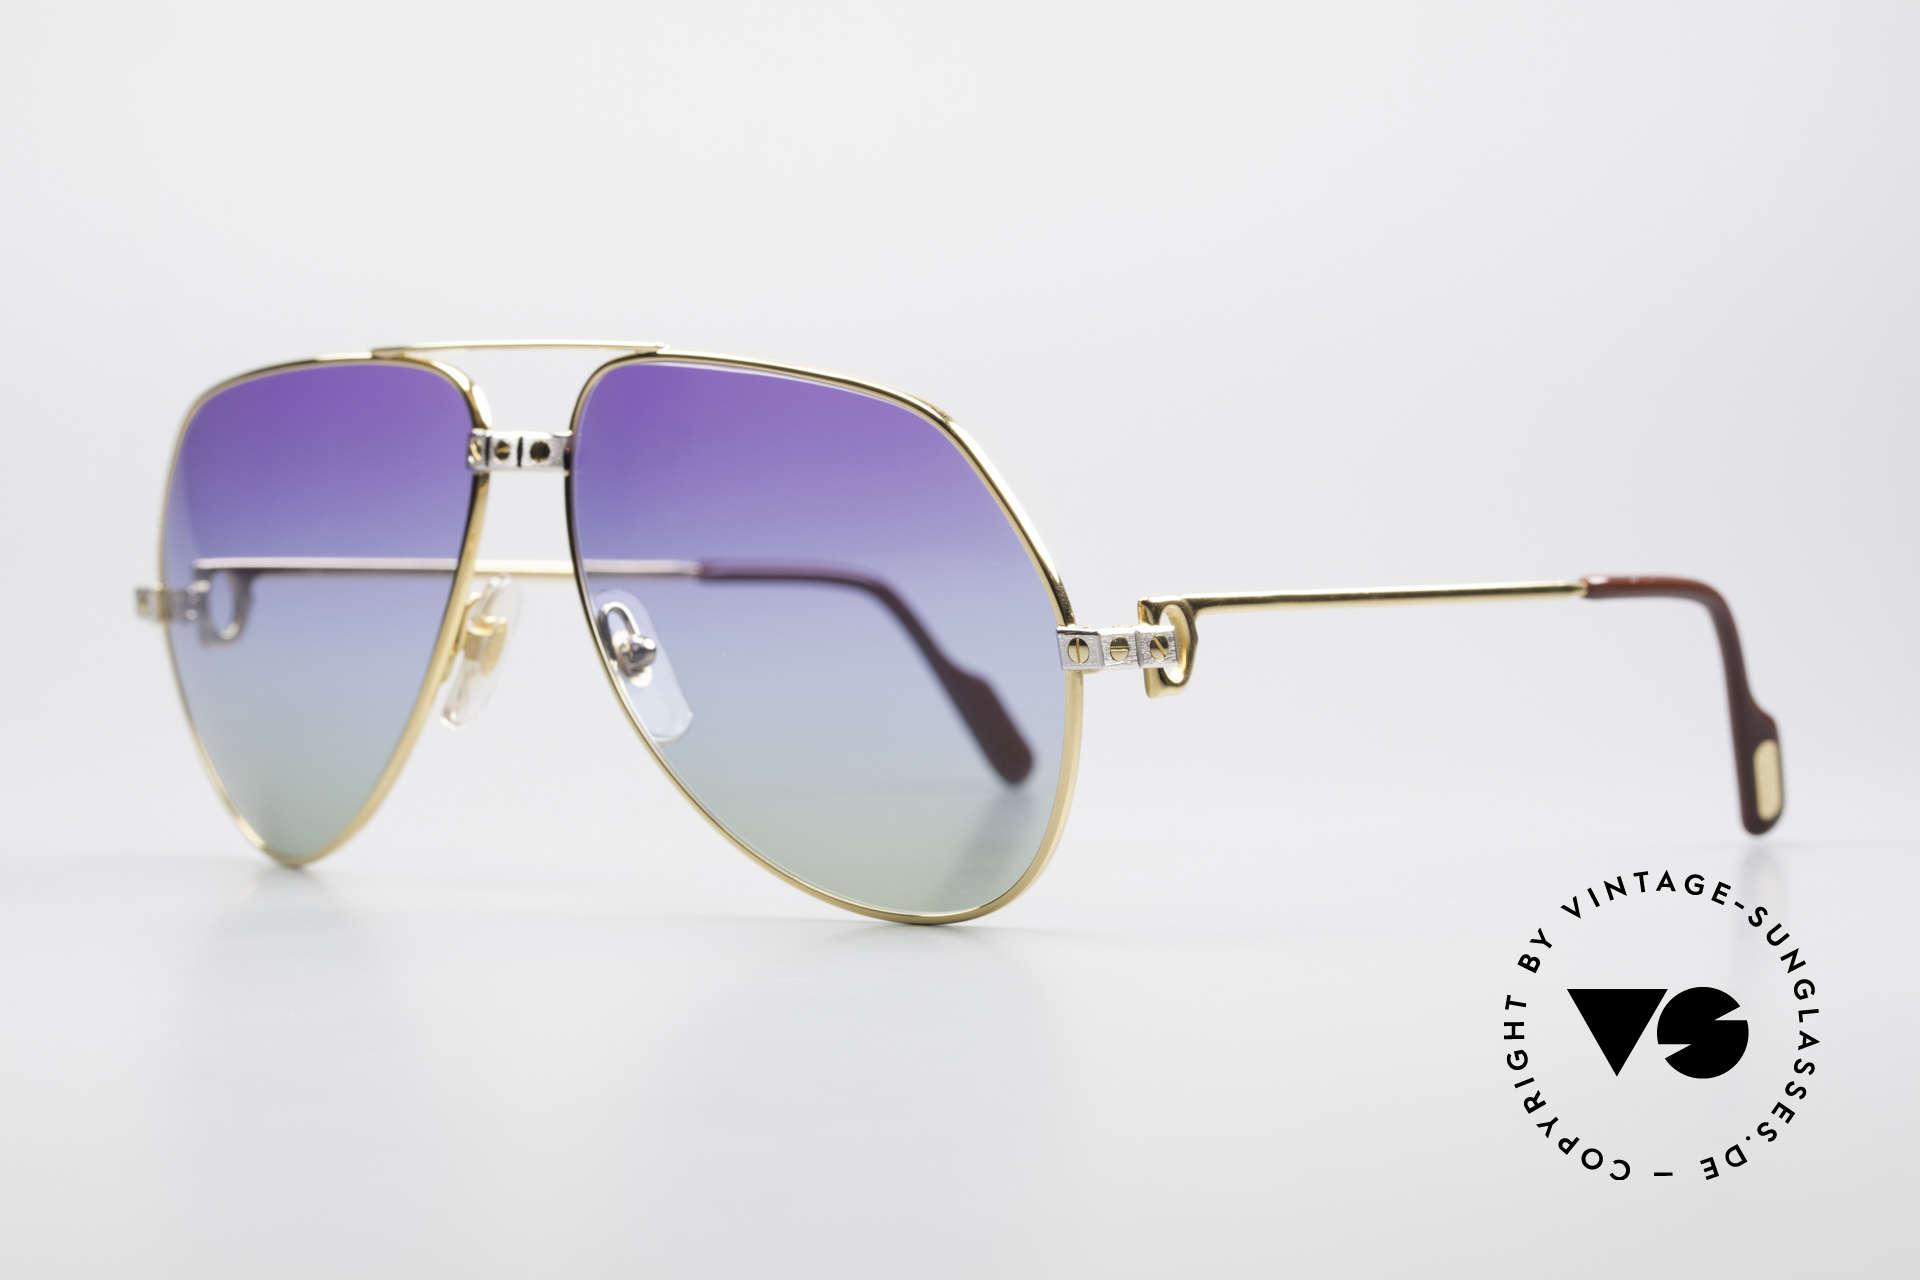 Cartier Vendome Santos - L Einzelstück Polarlicht Violett, 22kt VERGOLDETER Rahmen in LARGE Größe 62-14, 140, Passend für Herren